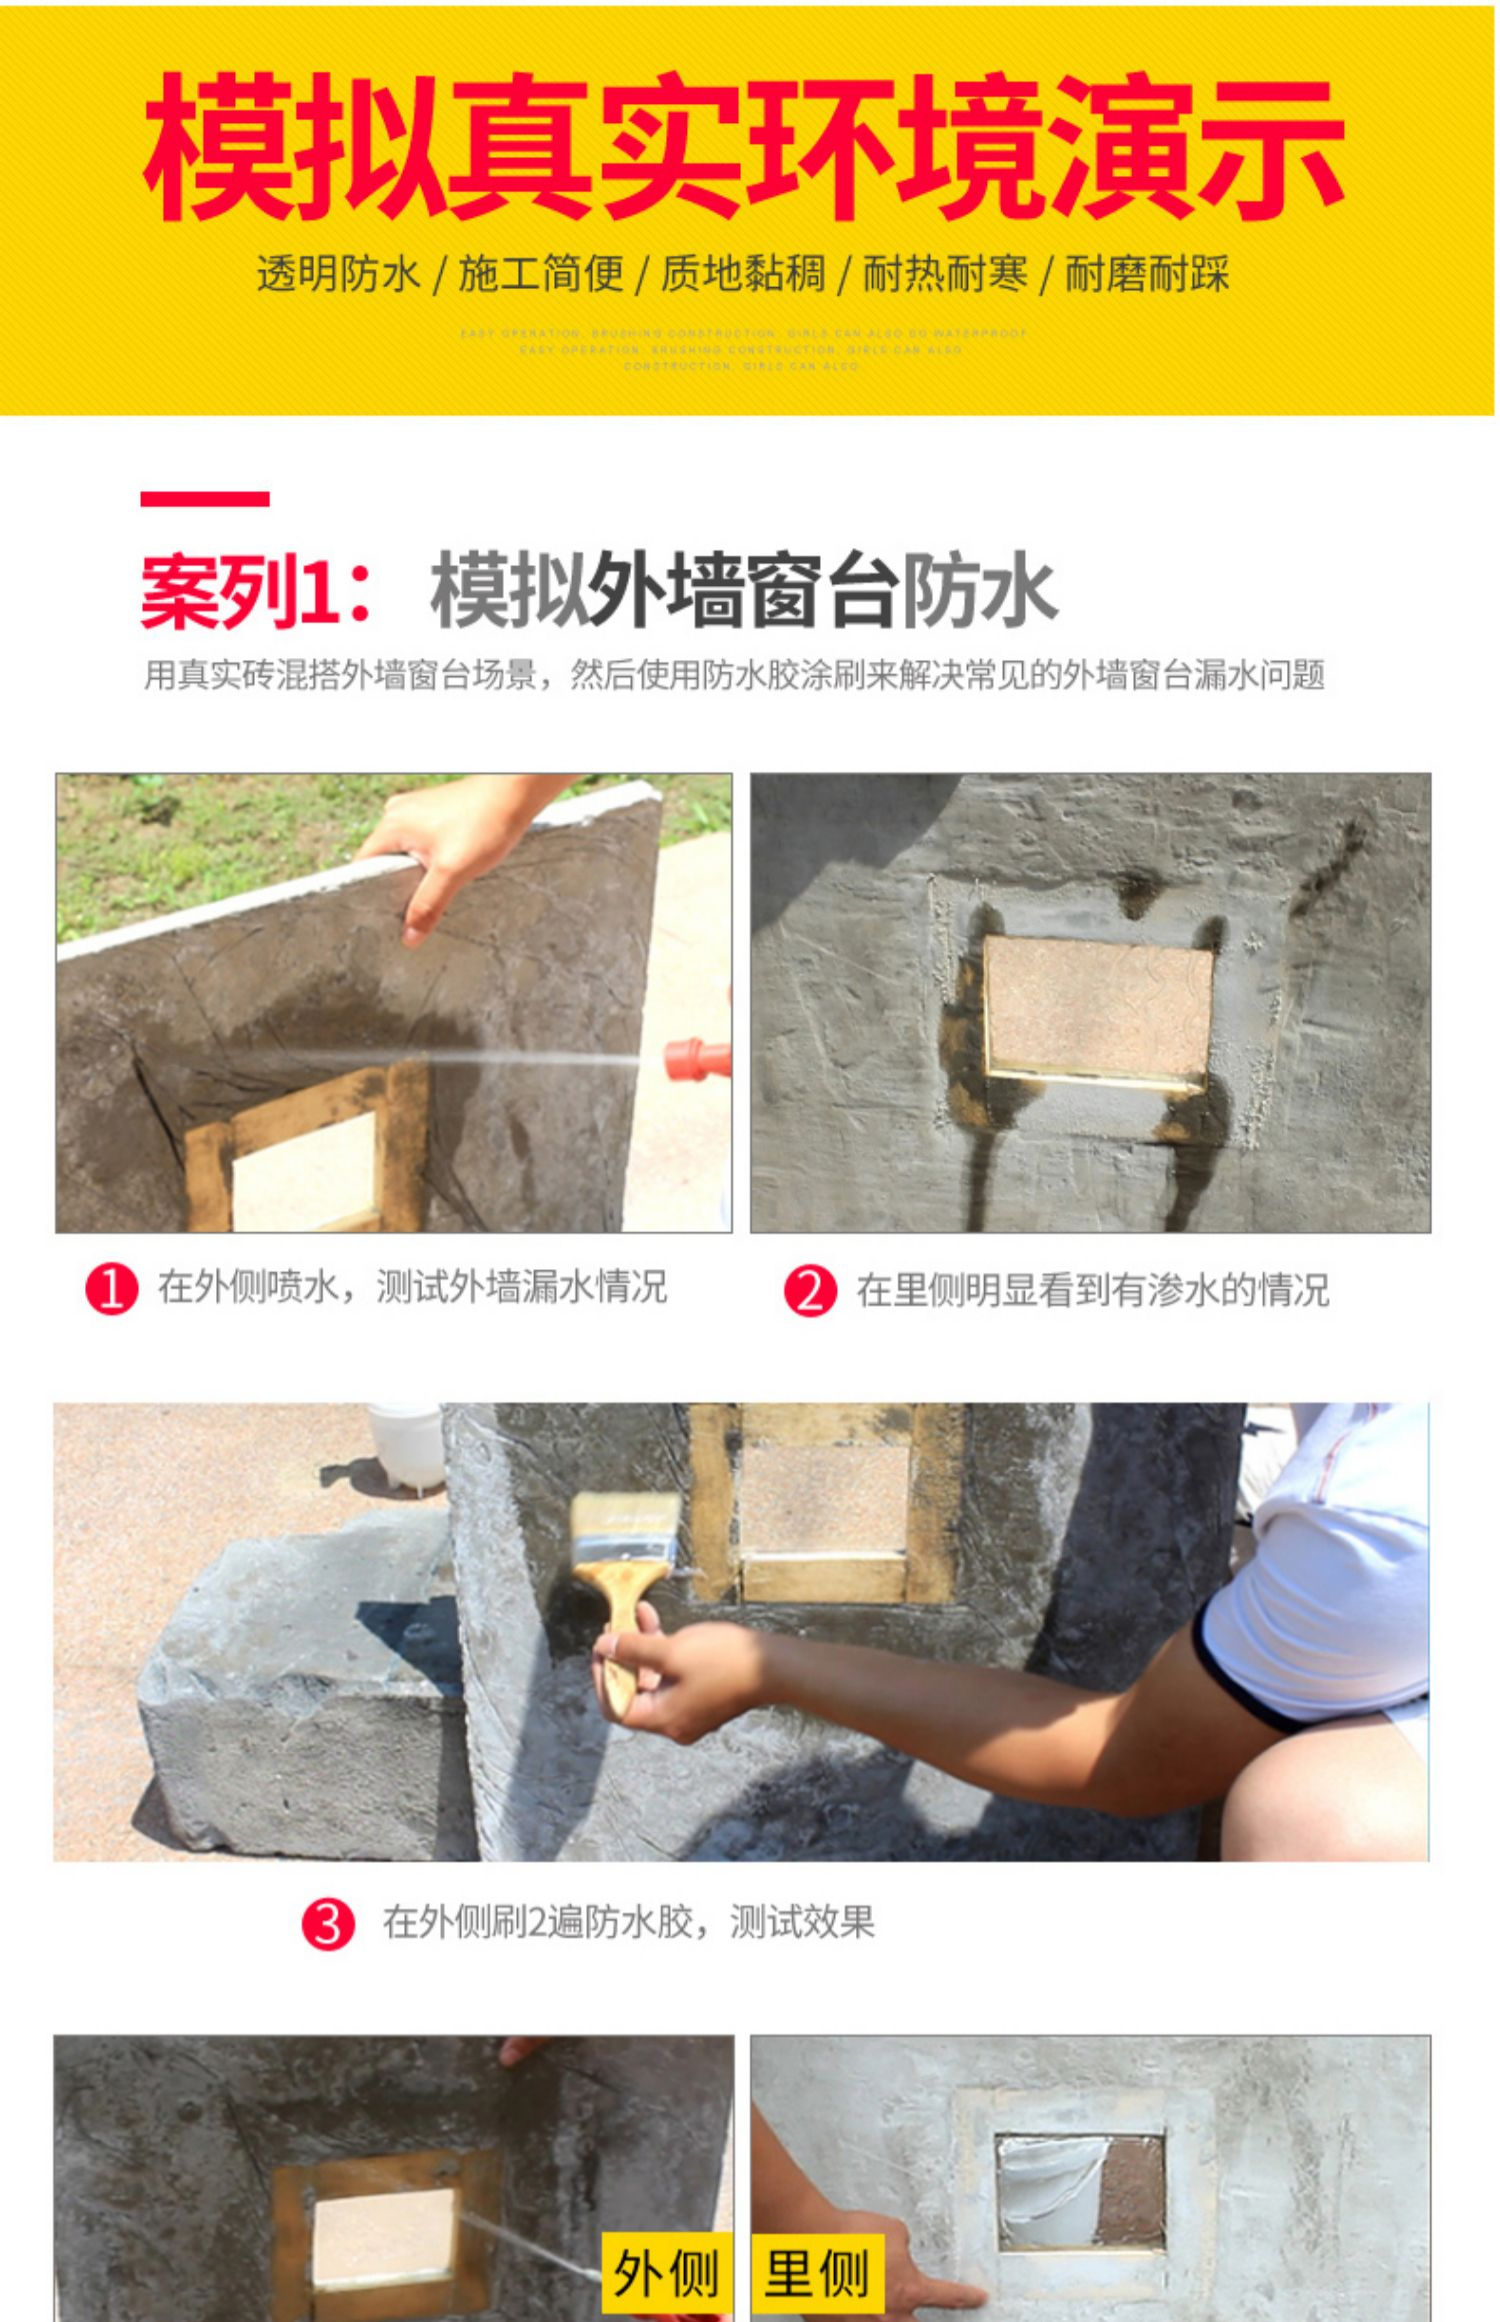 外墙透明防水胶卫生间厕所免砸砖专用胶室外防漏浴室胶水材料涂料商品详情图